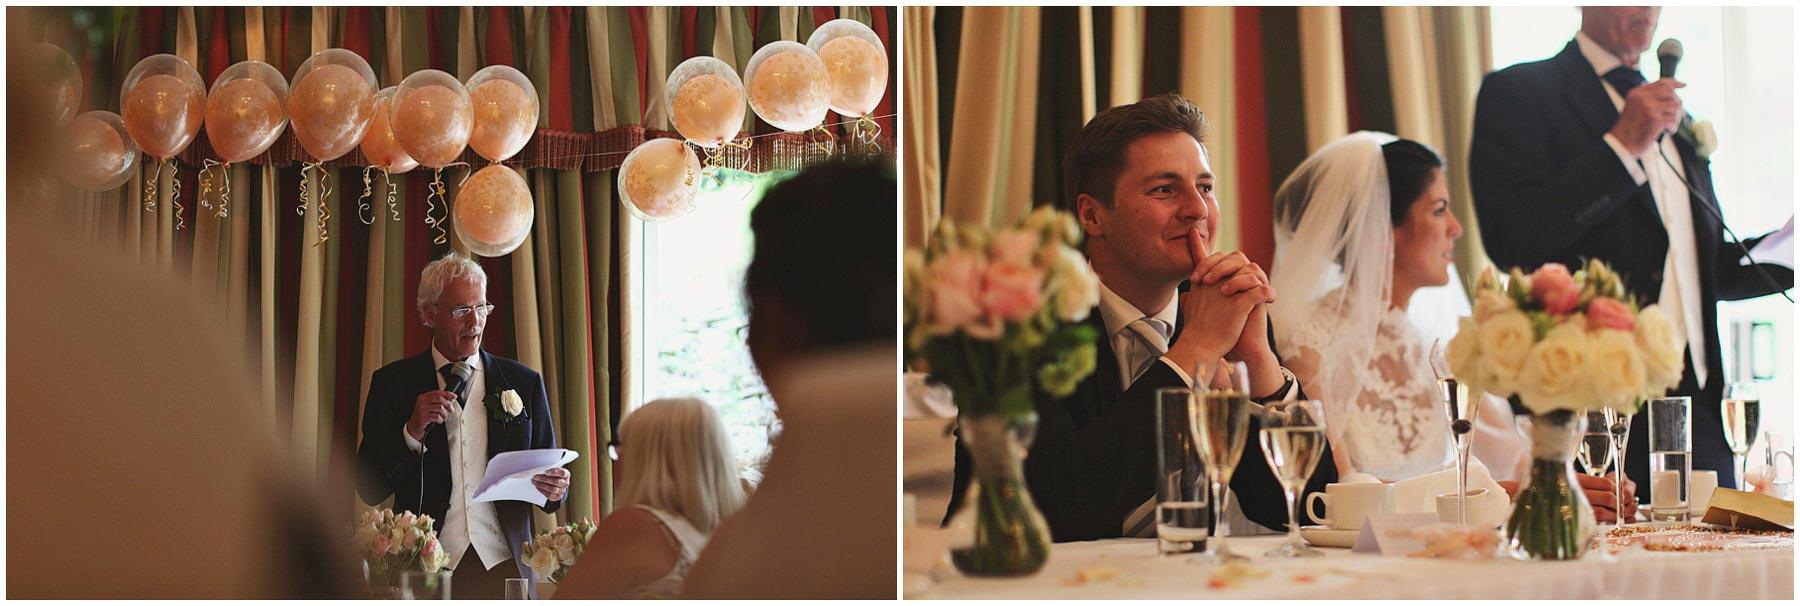 Wentbridge-House-Wedding-Photography-107